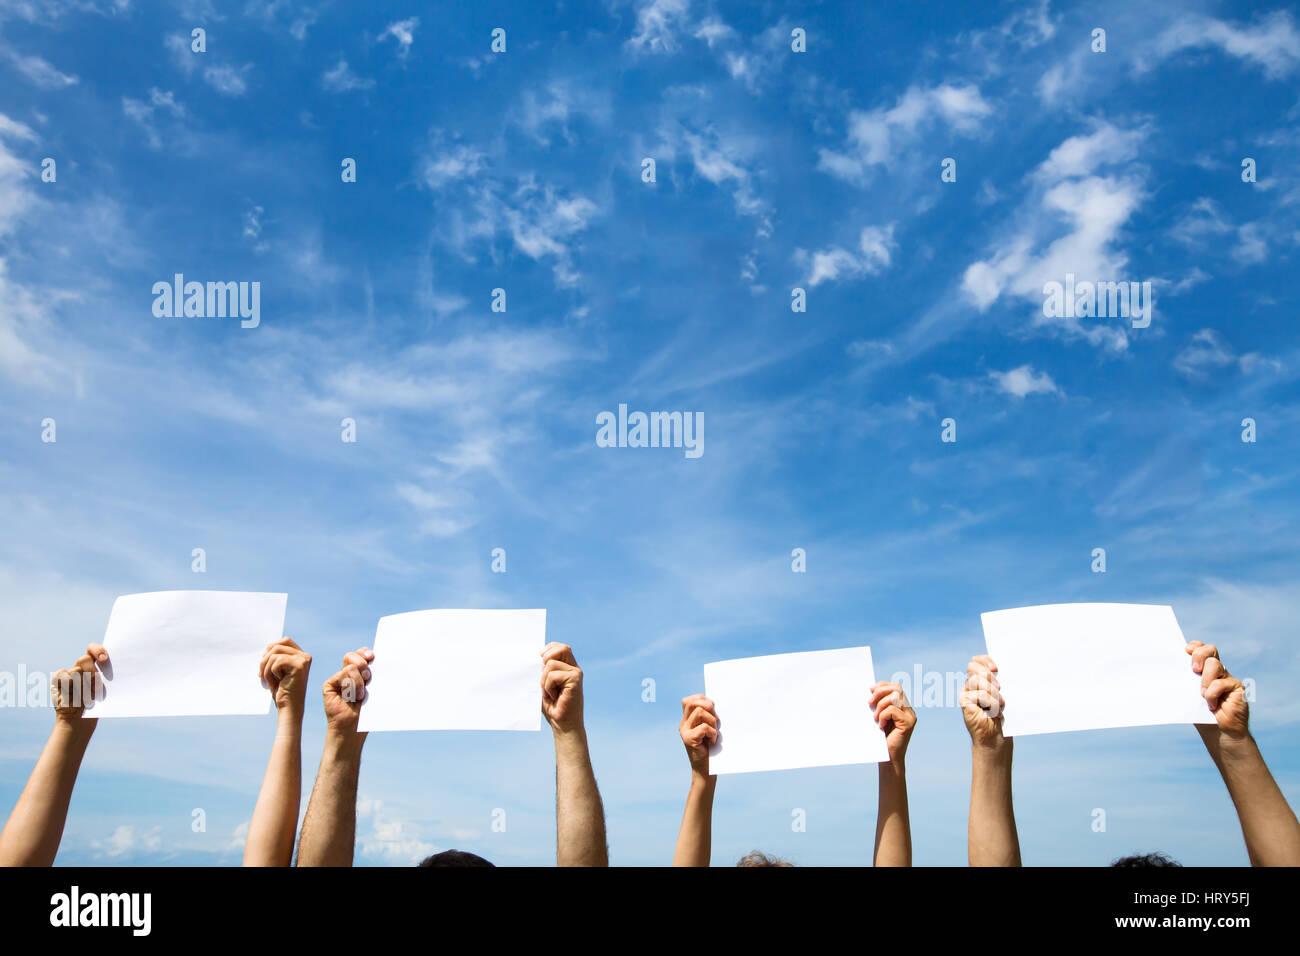 Grupo de personas sosteniendo carteles papel en blanco vacía sobre fondo de cielo azul Imagen De Stock